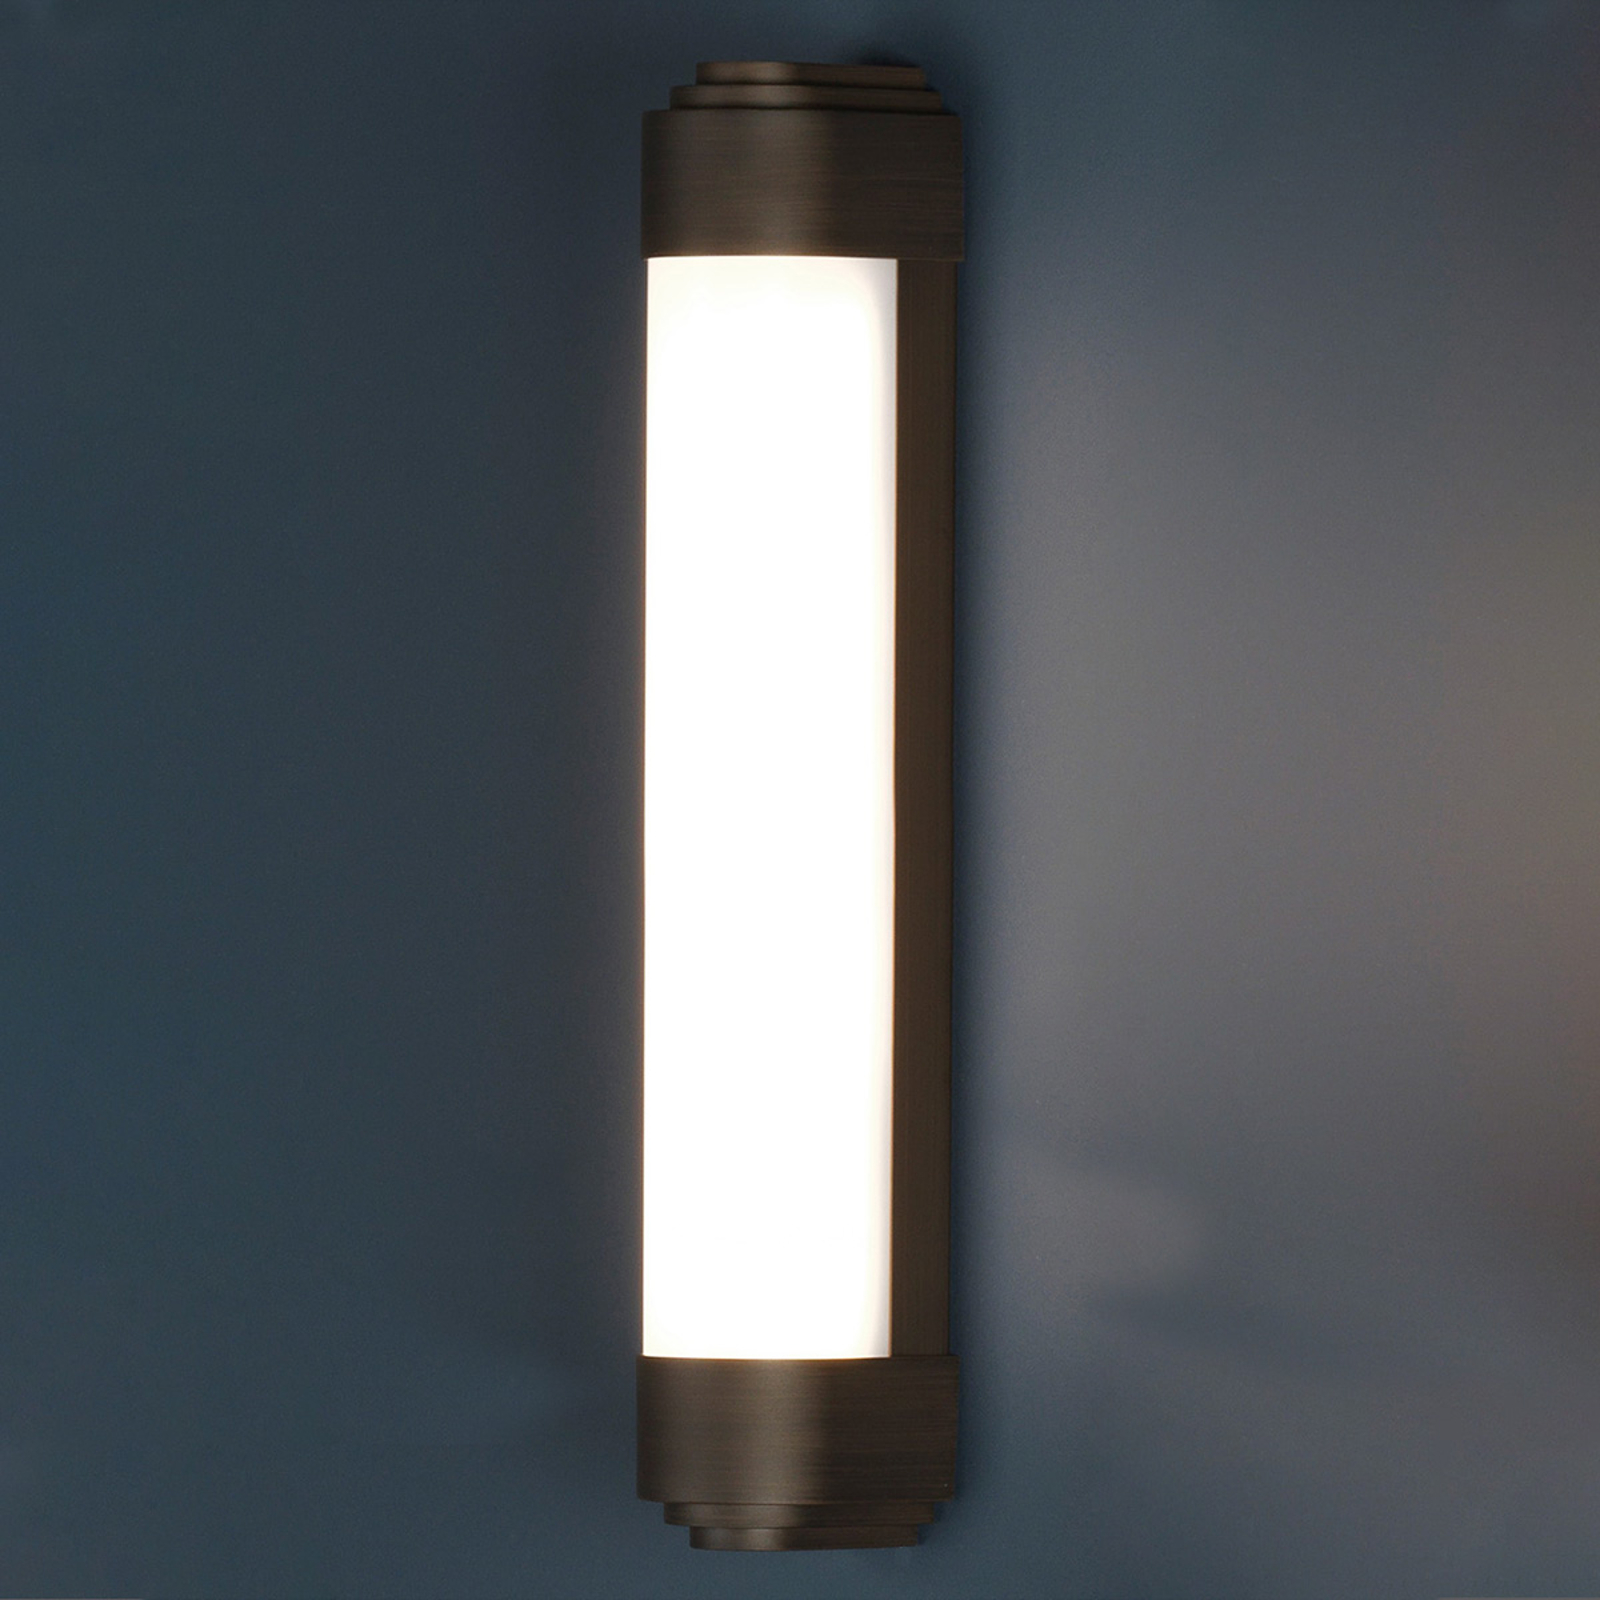 Astro Belgravia applique LED, 60cm